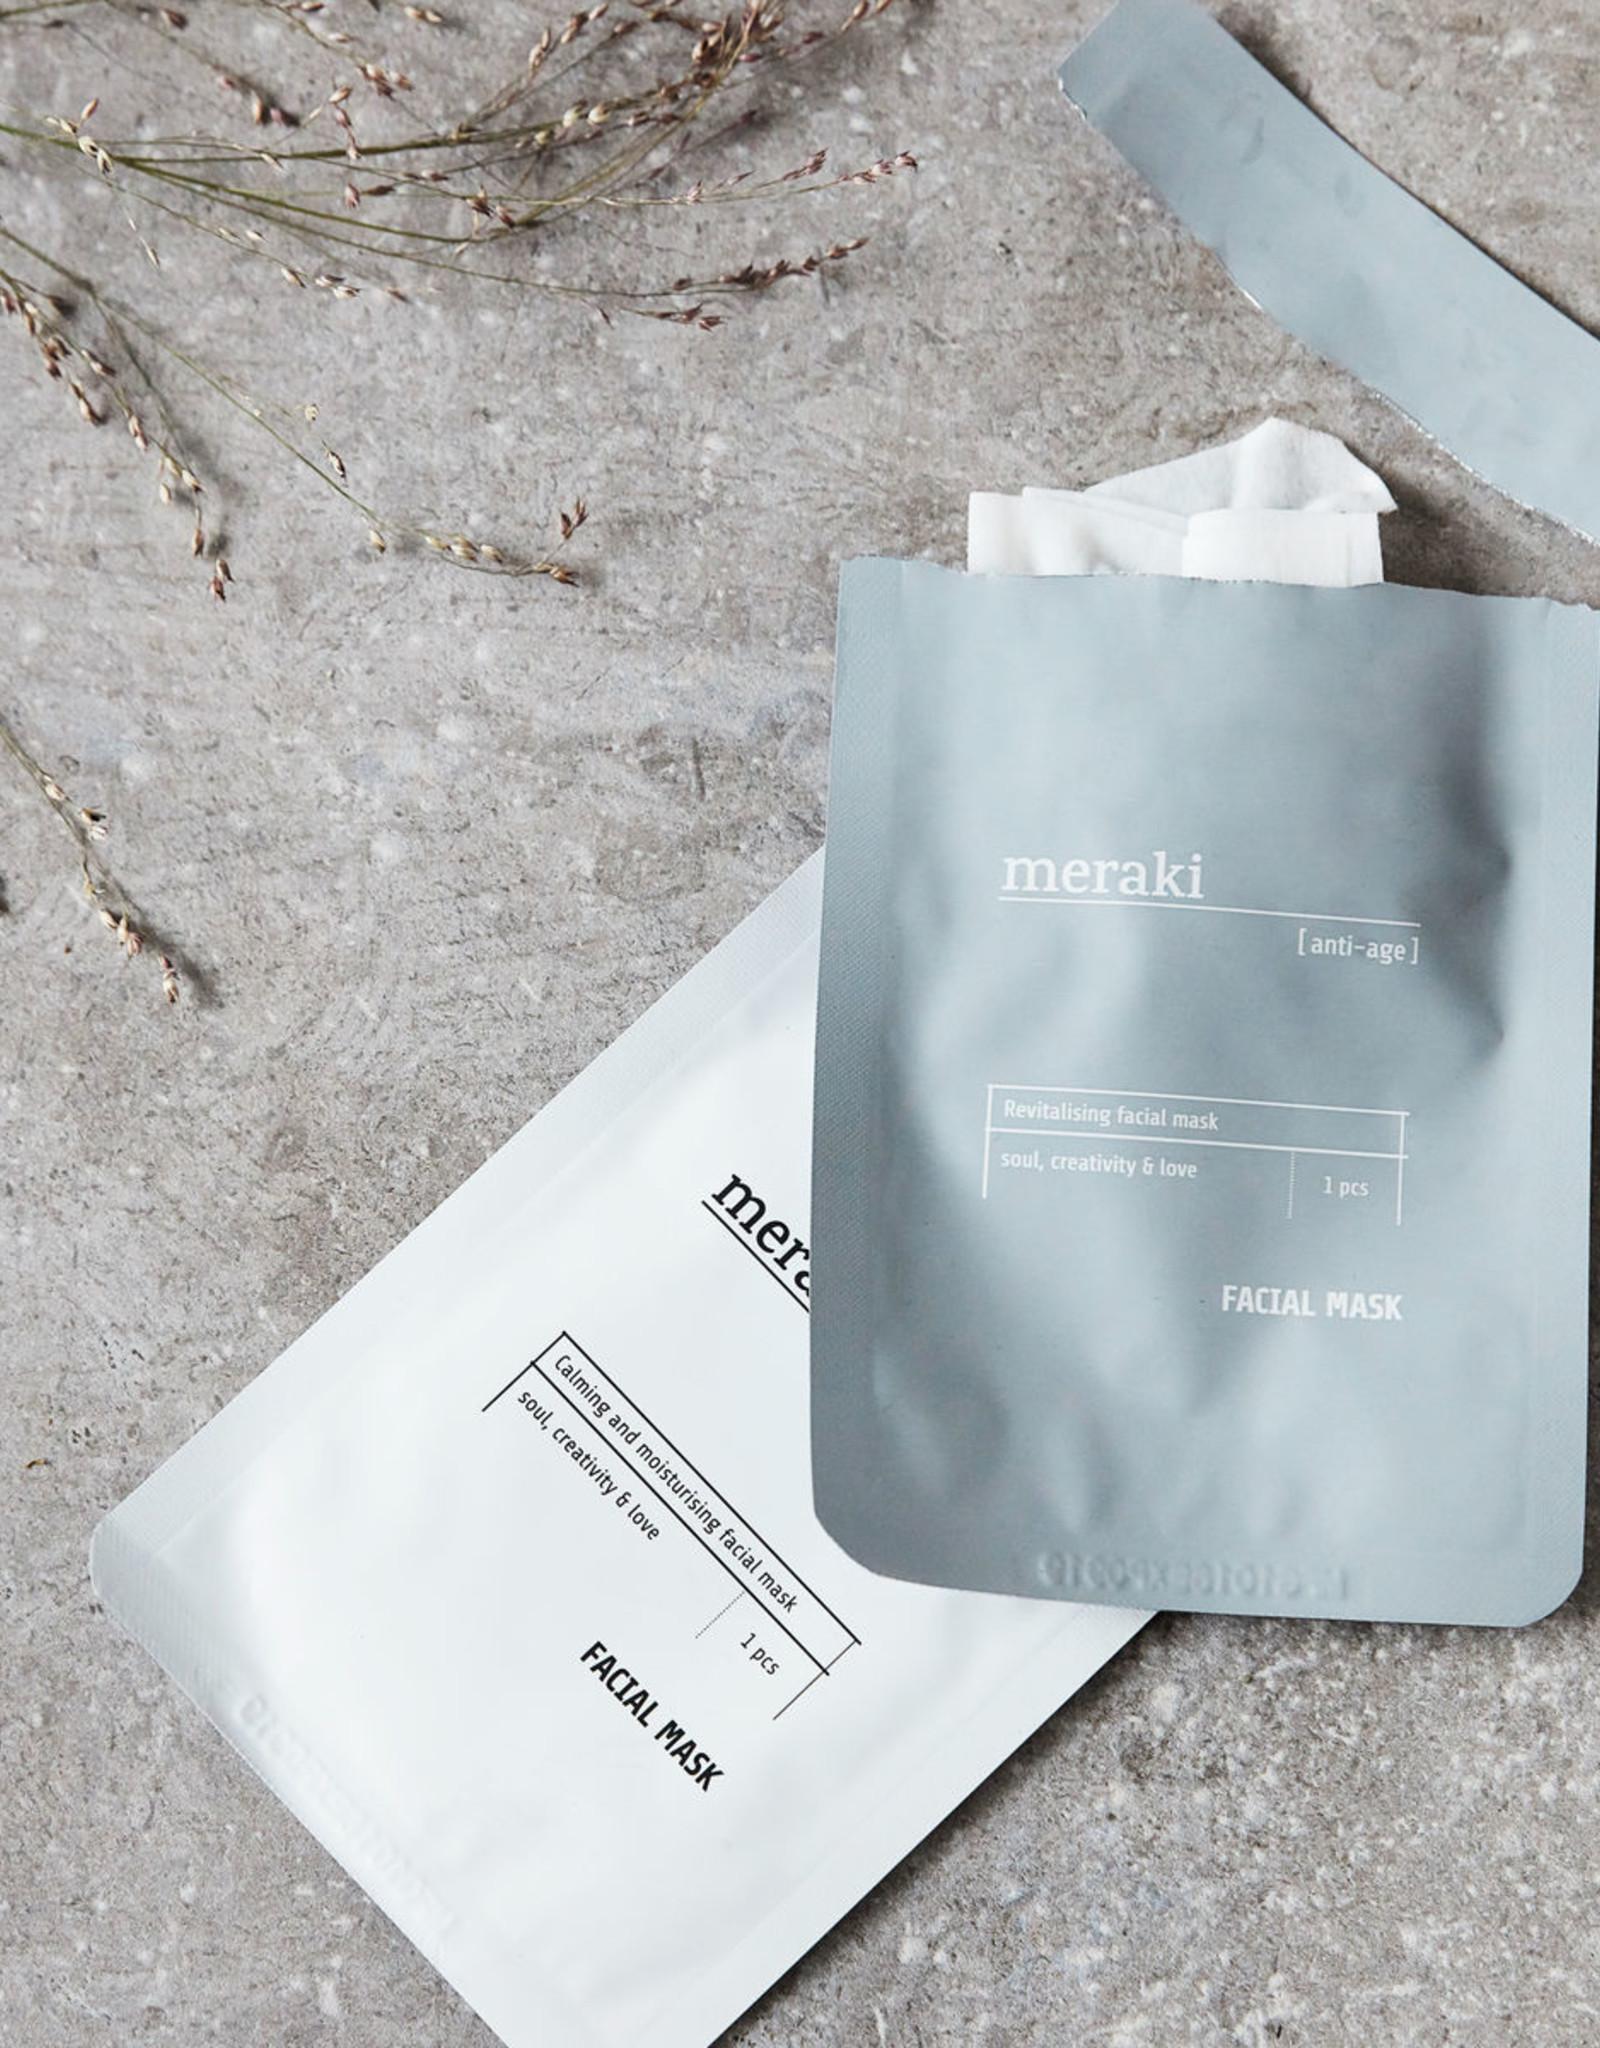 Meraki Facial Mask-sensitive skin